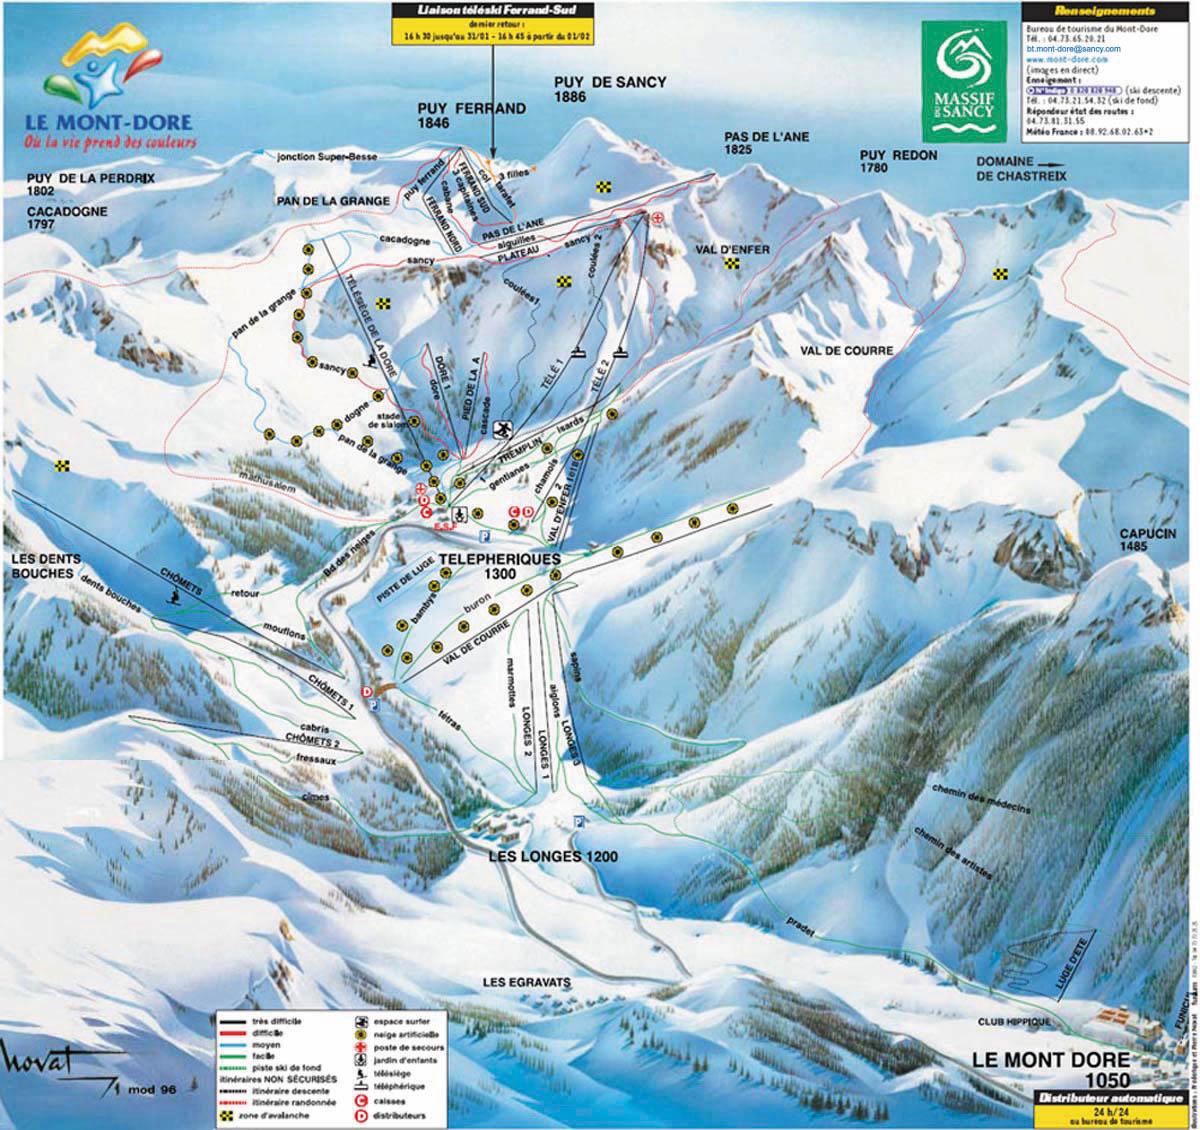 Le Mont-Dore Piste / Trail Map